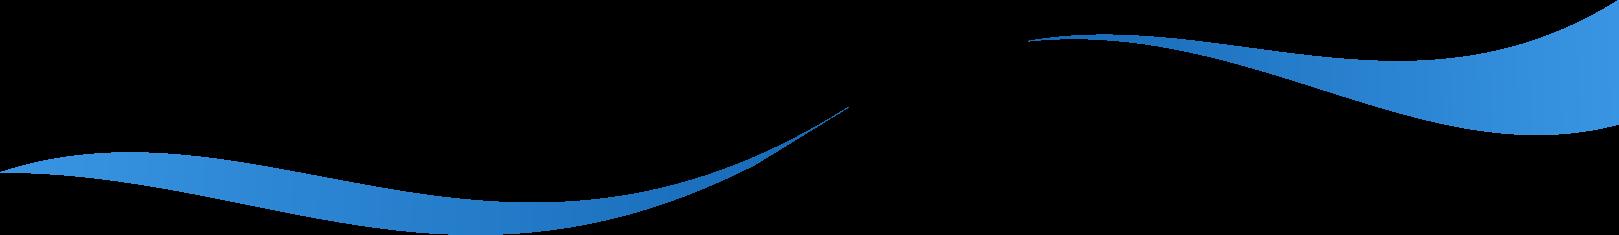 banner curve design